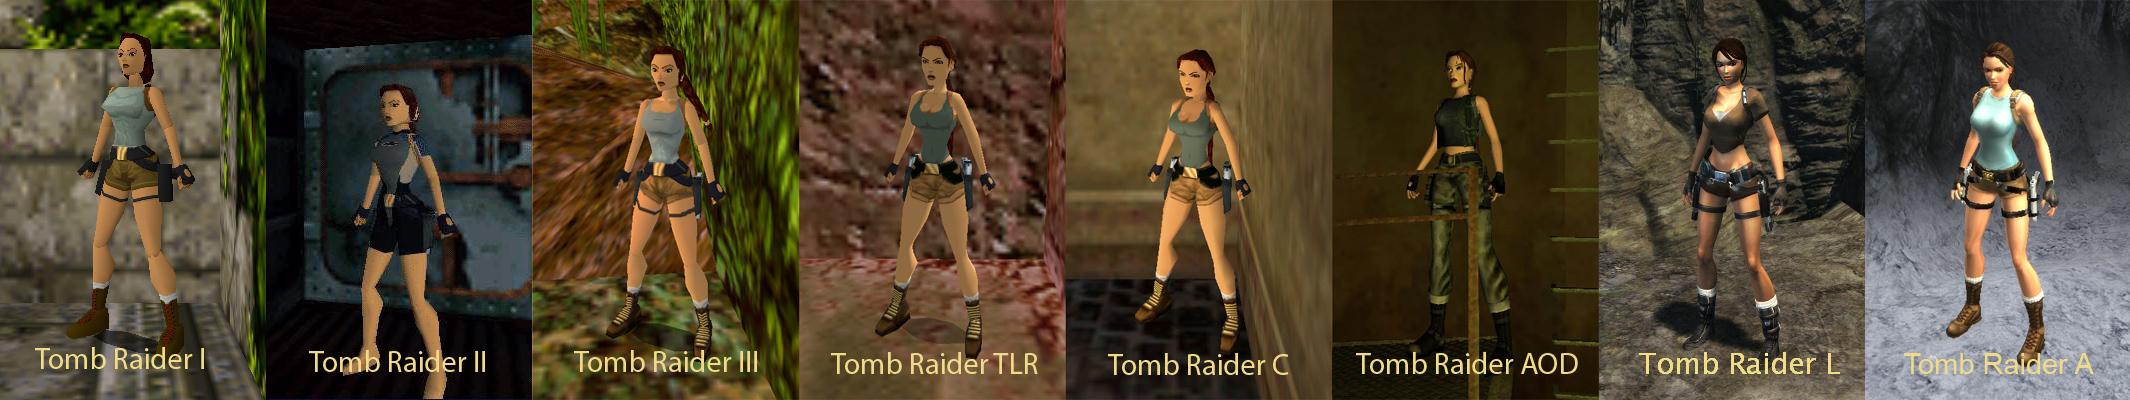 Lara Croft through the years